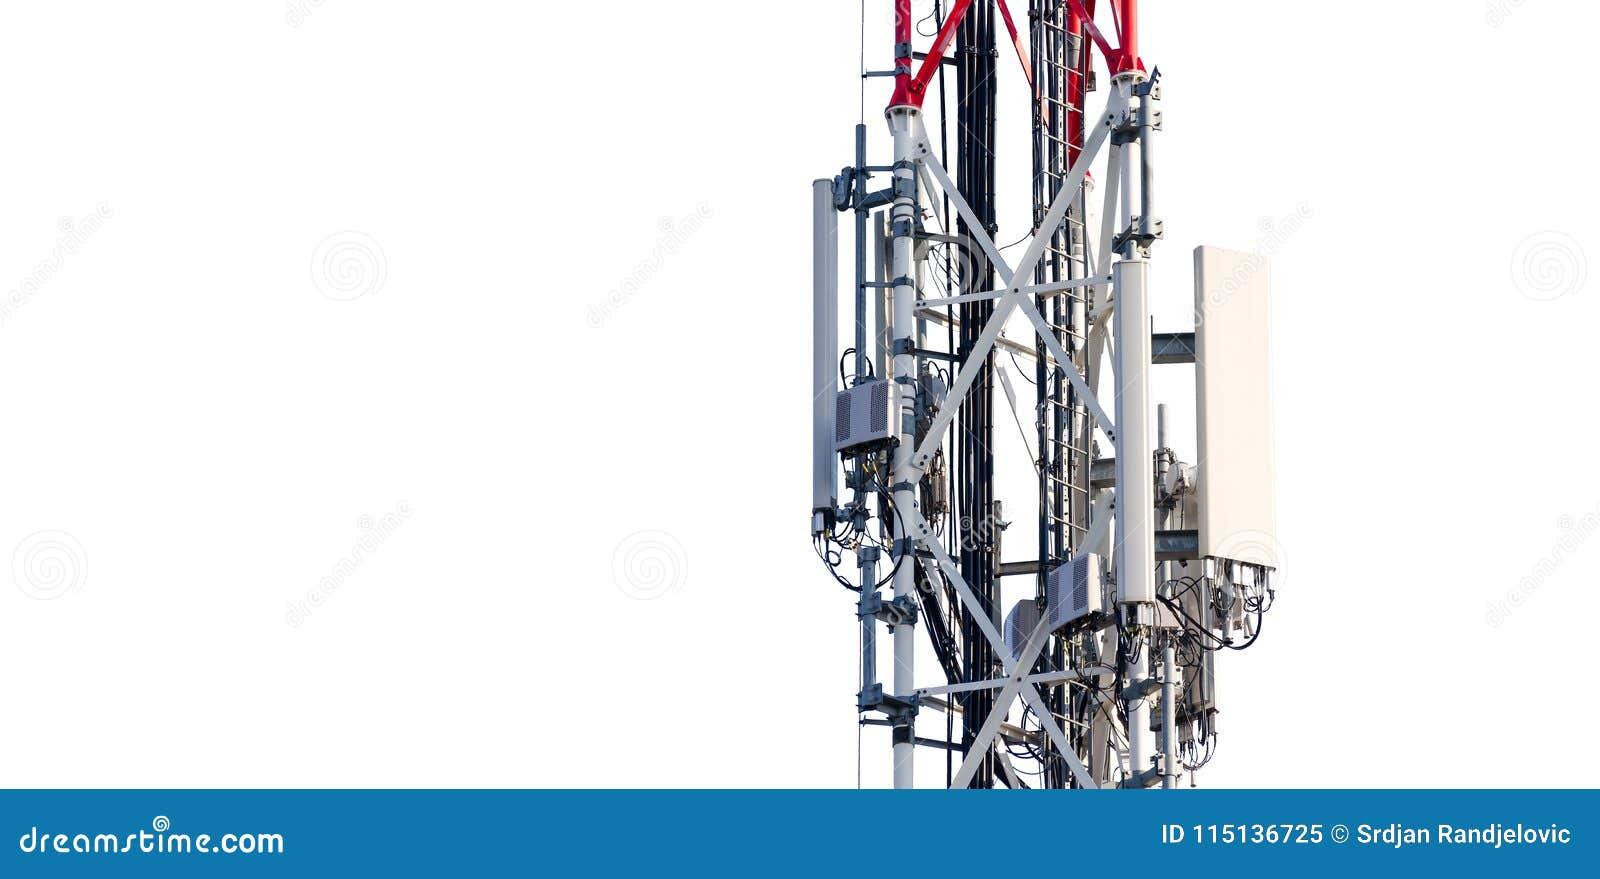 Antena de la torre de la telecomunicación con los transmisores en el polo del metal aislado parcialmente en el fondo blanco